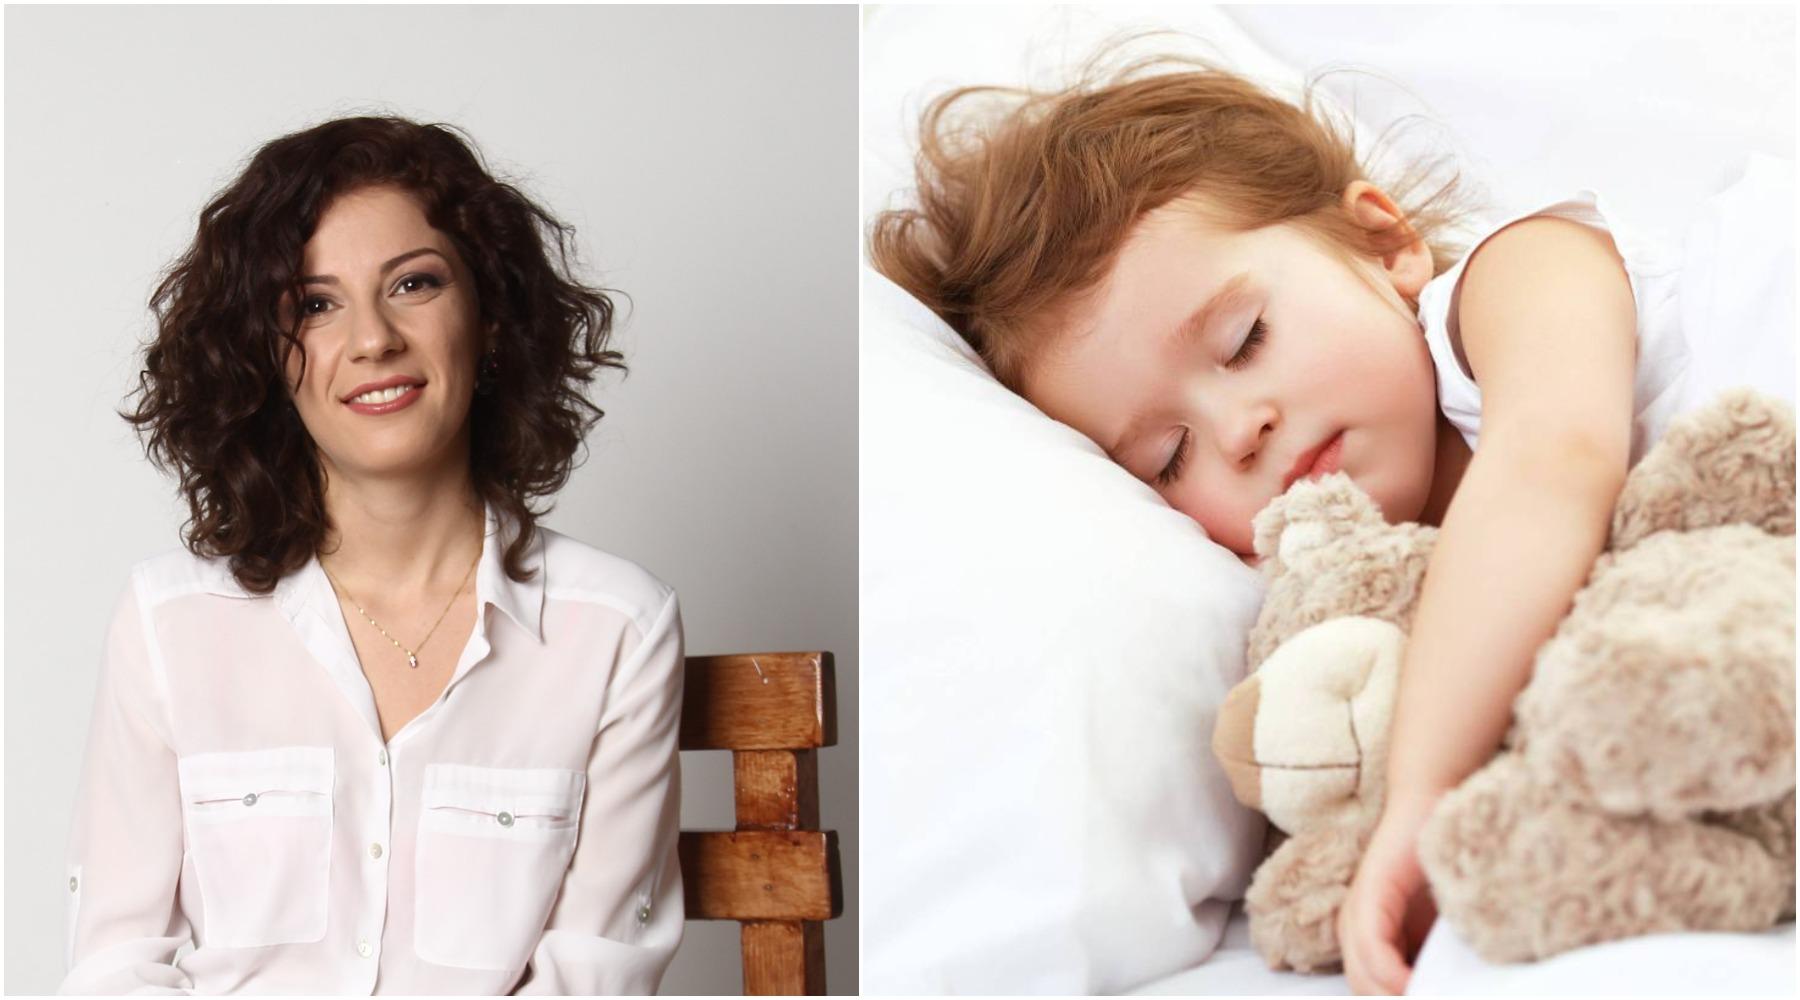 რამ შეიძლება გამოიწვიოს ღამის შიშები ბავშვებში და როგორ დავეხმაროთ პატარებს - ინტერვიუ ნეიროფსიქოლოგ მარიამ ხვადაგიანთან